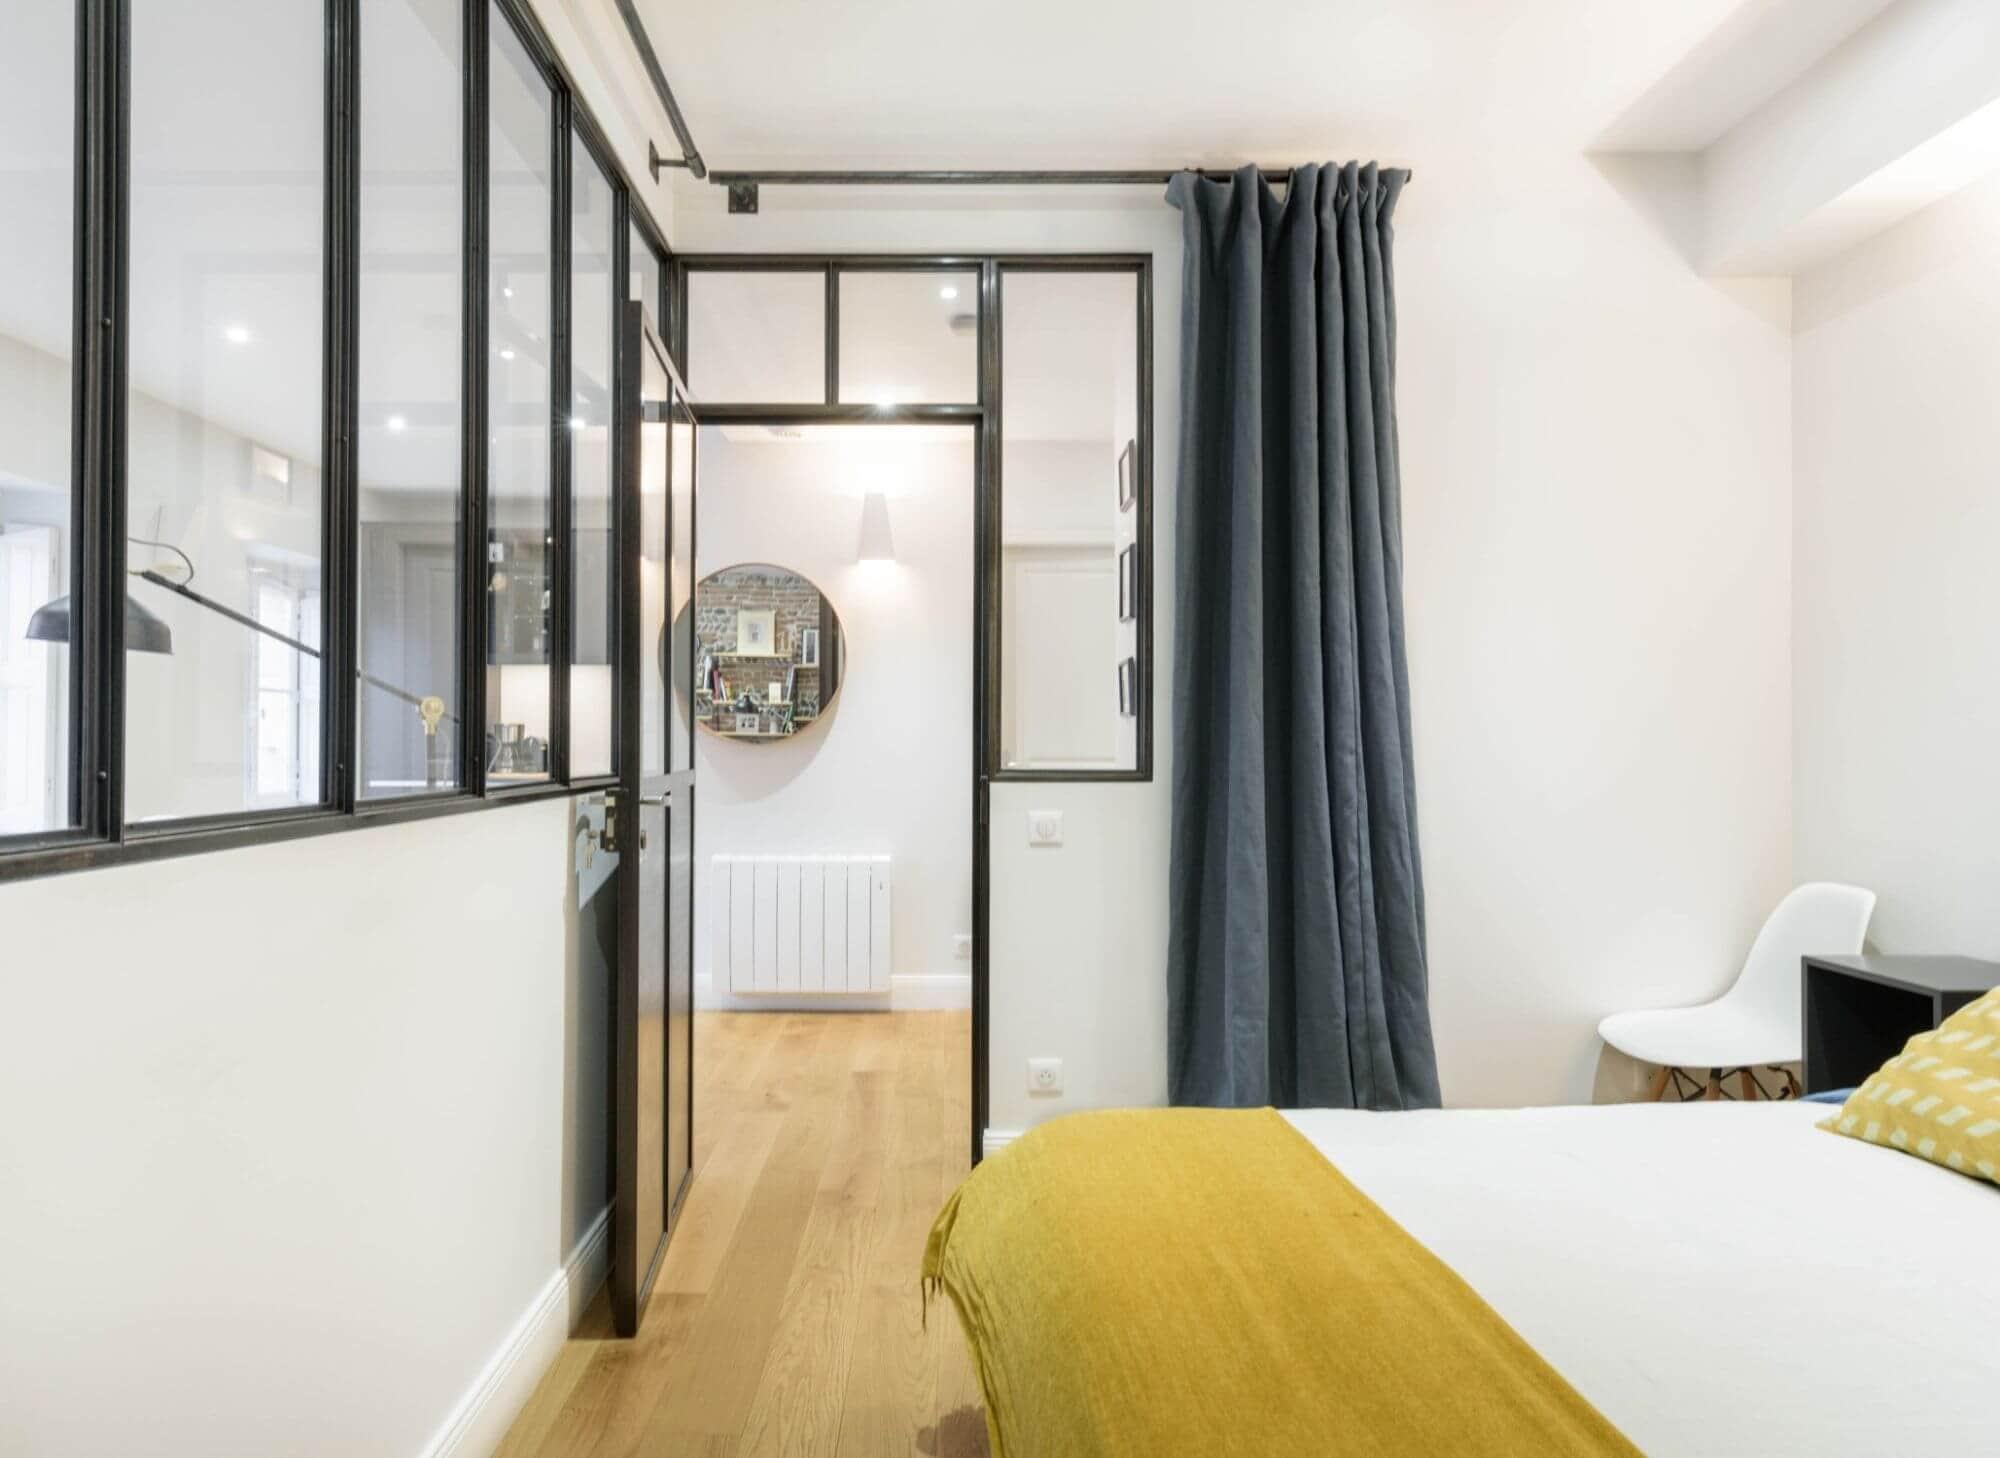 Chambre rénovée, Verrière, Appartement refait à neuf, Rénovation Locative